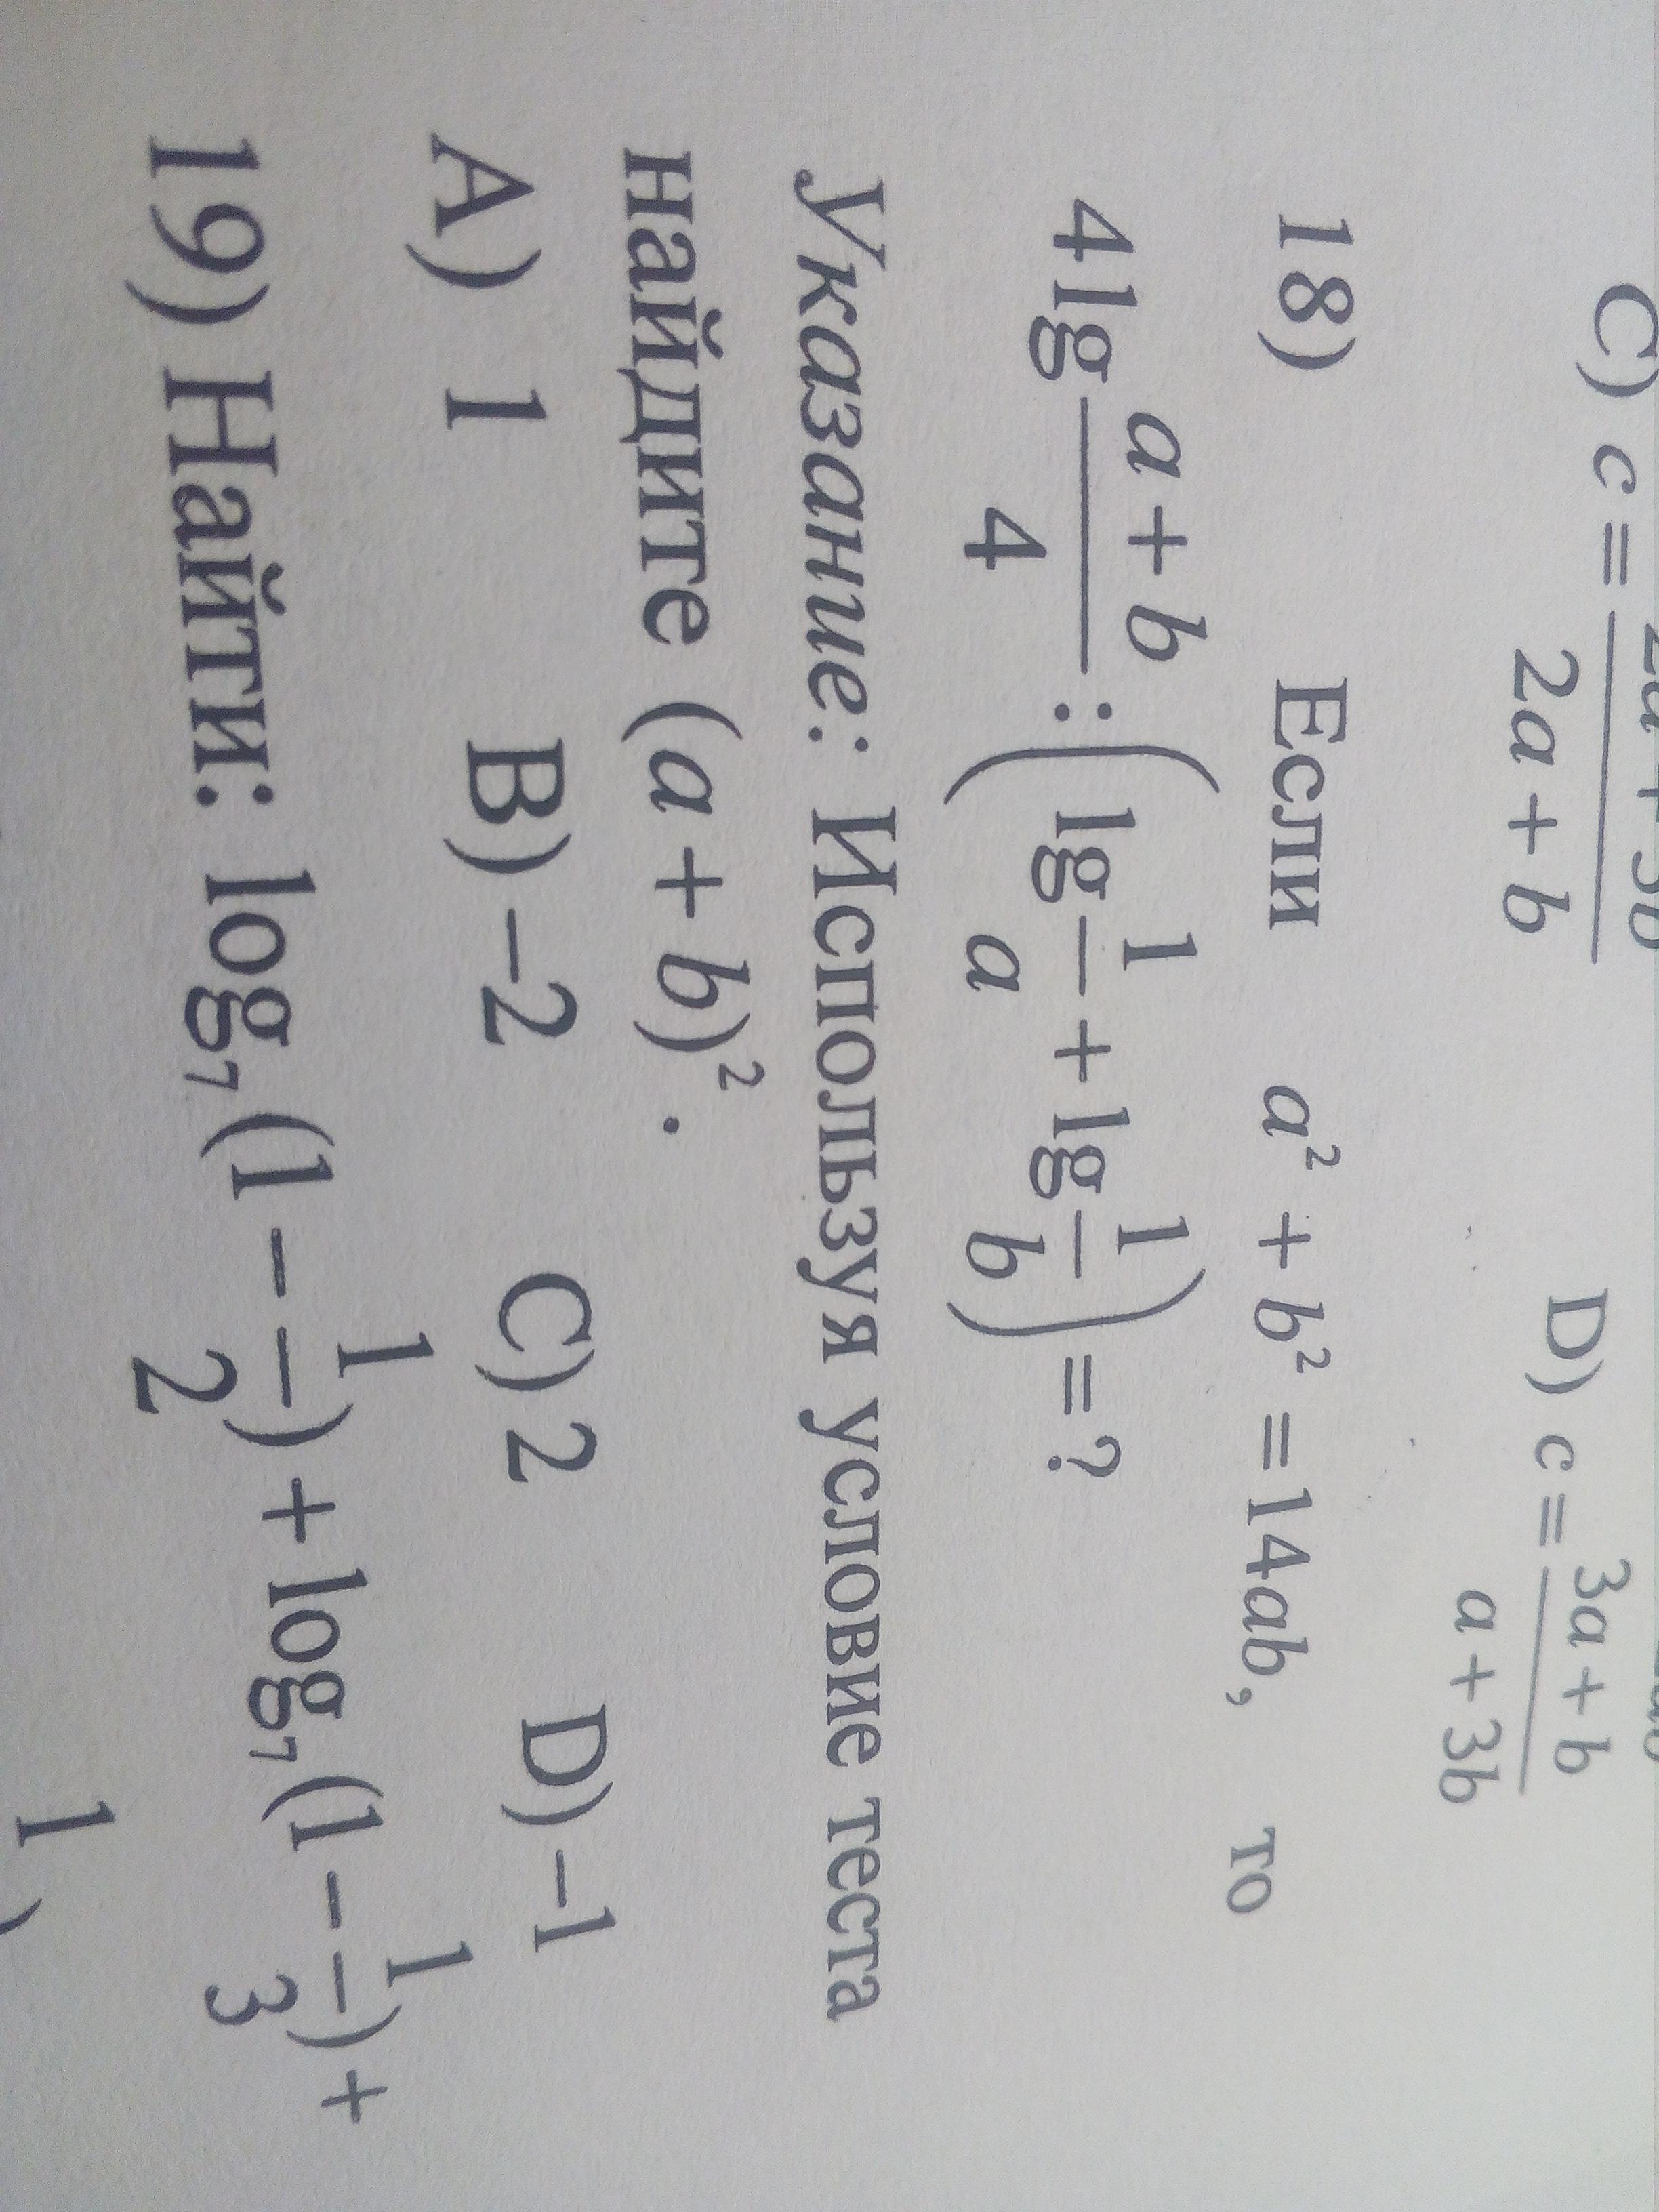 Плиз нужна помощь Если a^2+b^2=14ab, то 4lg...